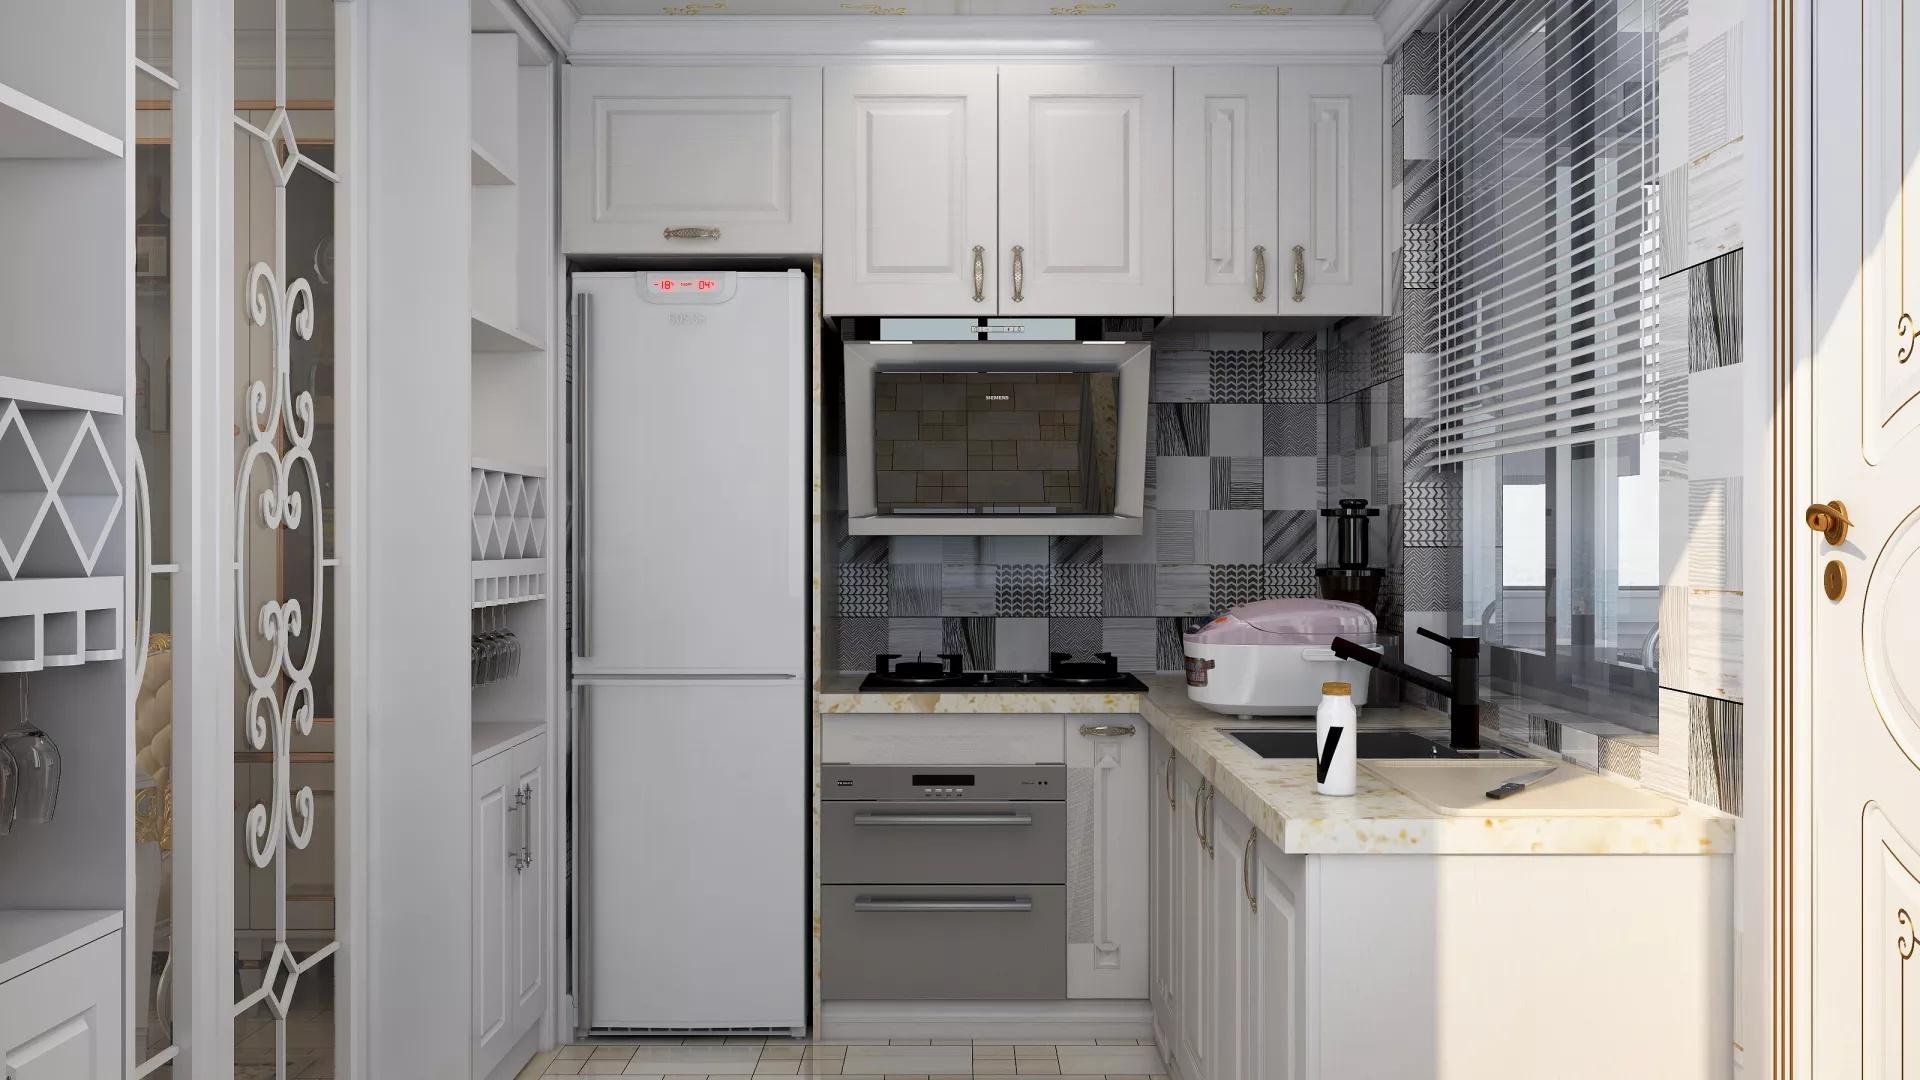 长方形厨房如何装修 五招就搞定啦